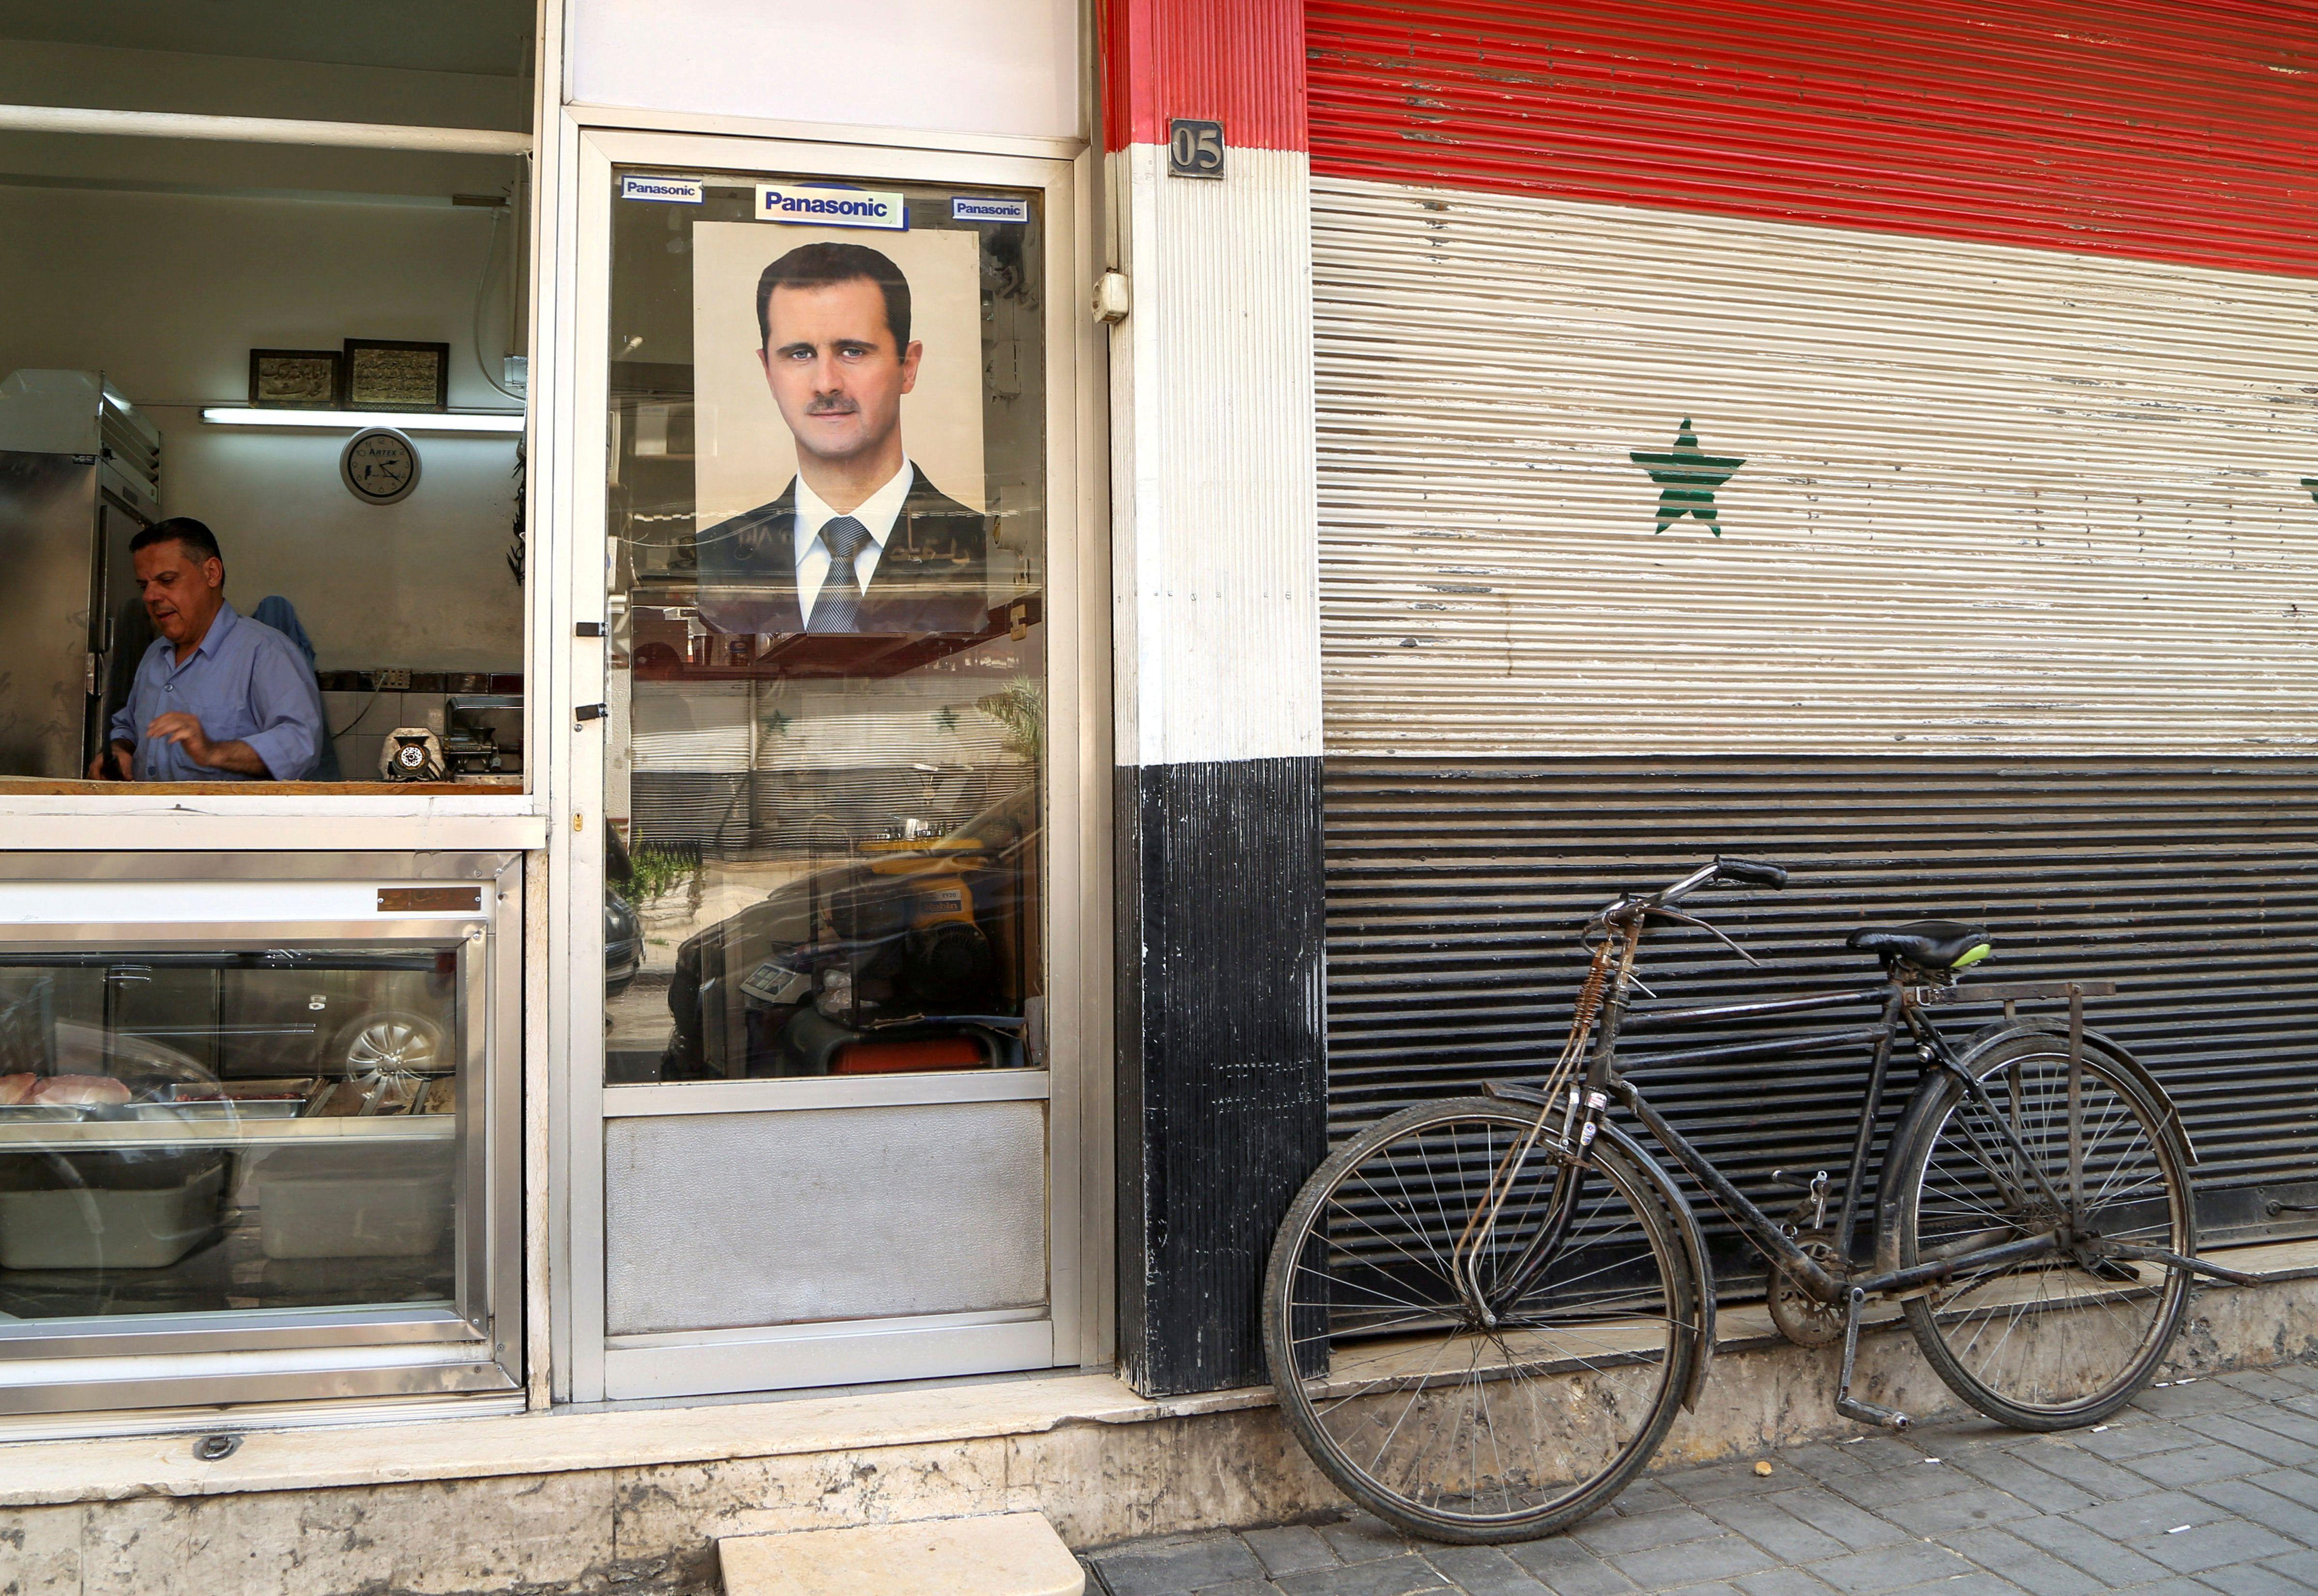 Syria under pressure